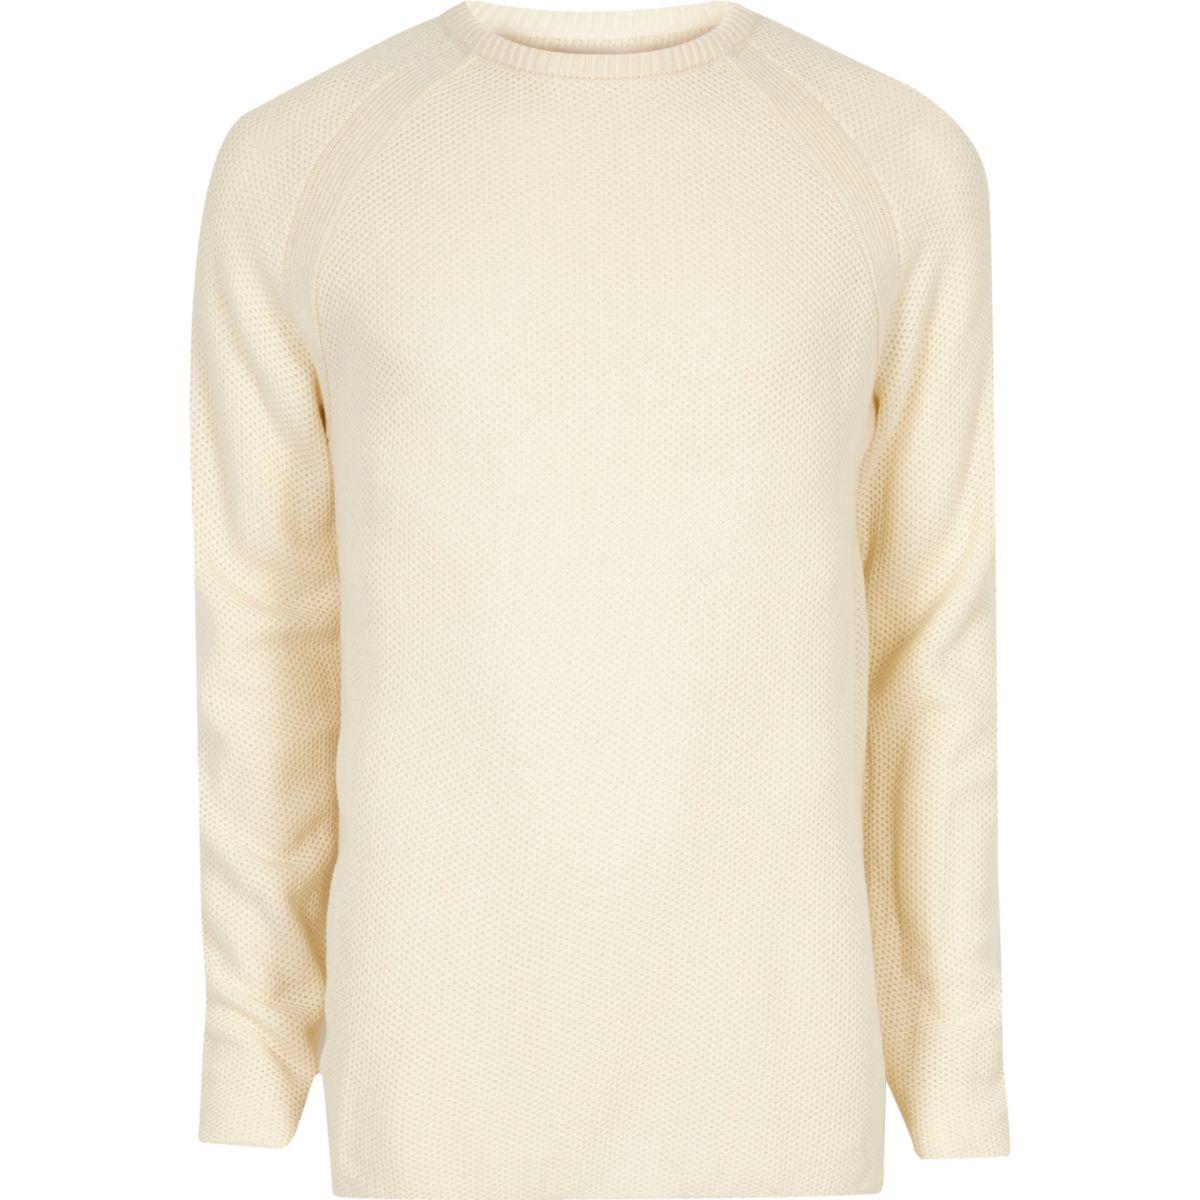 Cream textured crew neck jumper